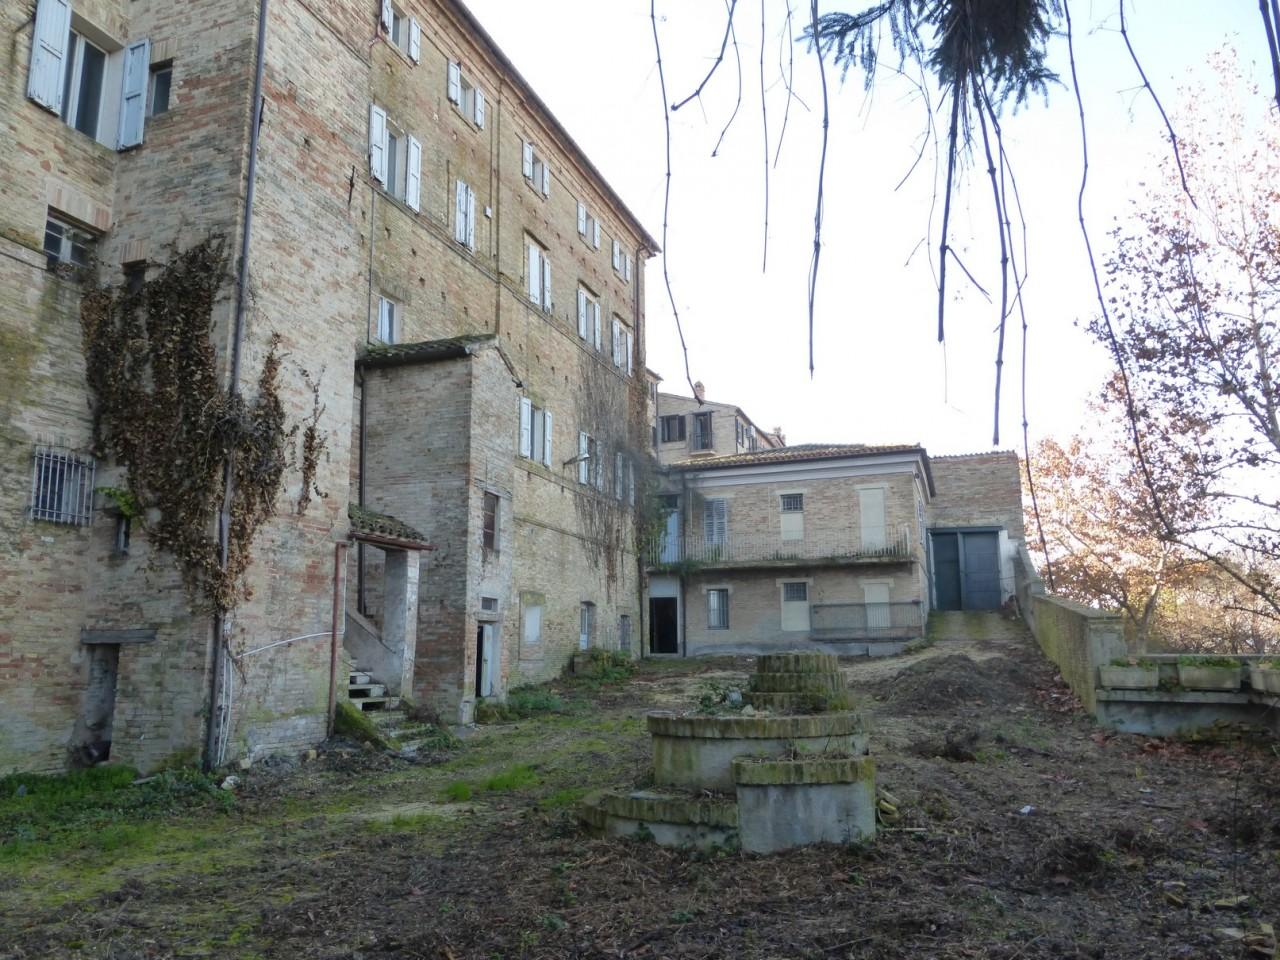 giardino monachette intermesoli macerata (1)